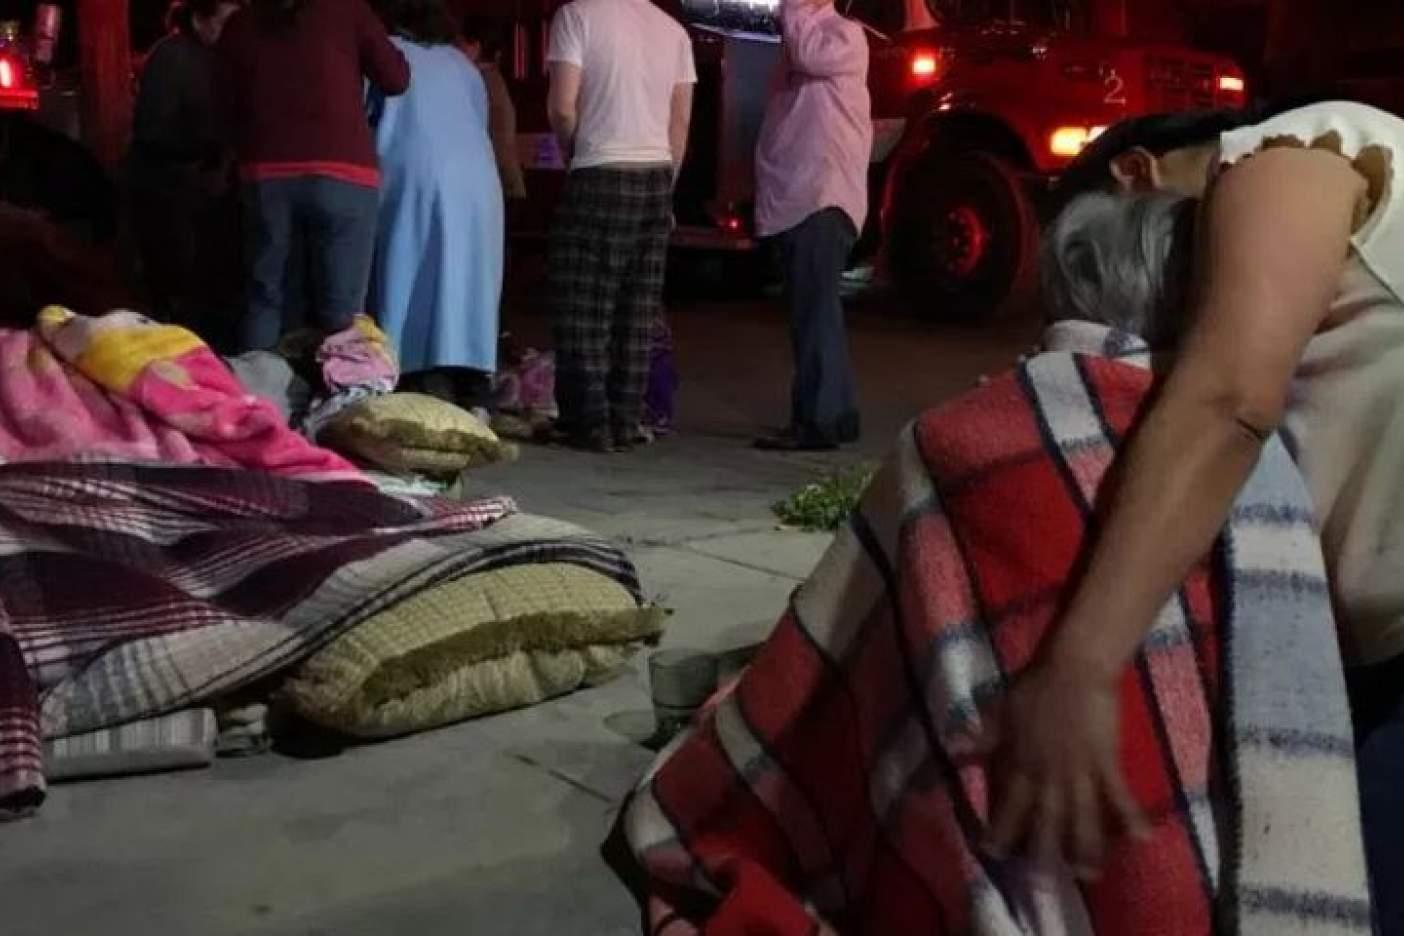 Incendio en asilo deja 2 personas sin vida en Monterrey